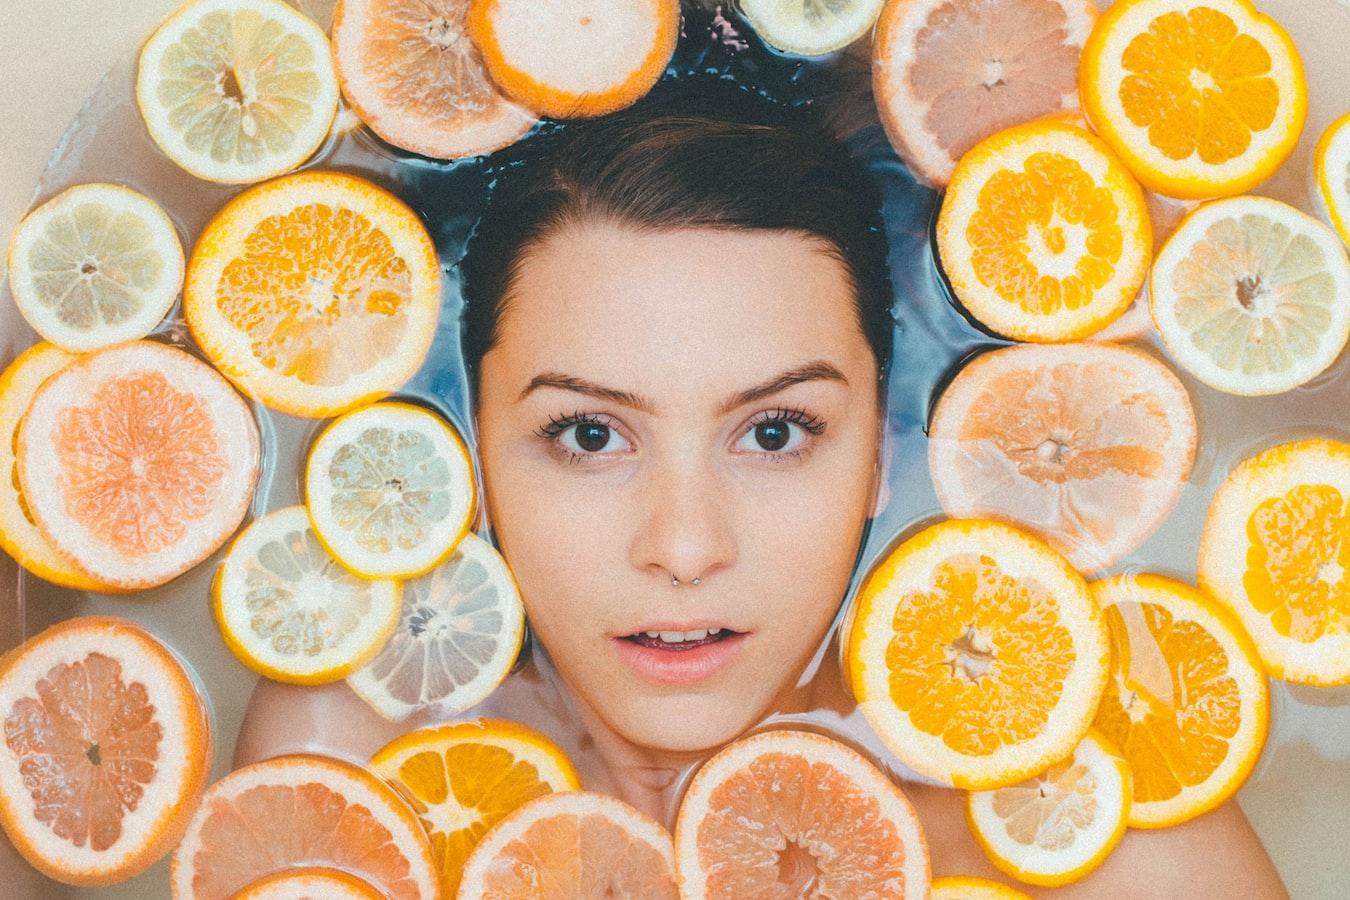 維生素 C 真的能美白抗衰老嗎?營養師解析維生素 C 保養皮膚功效